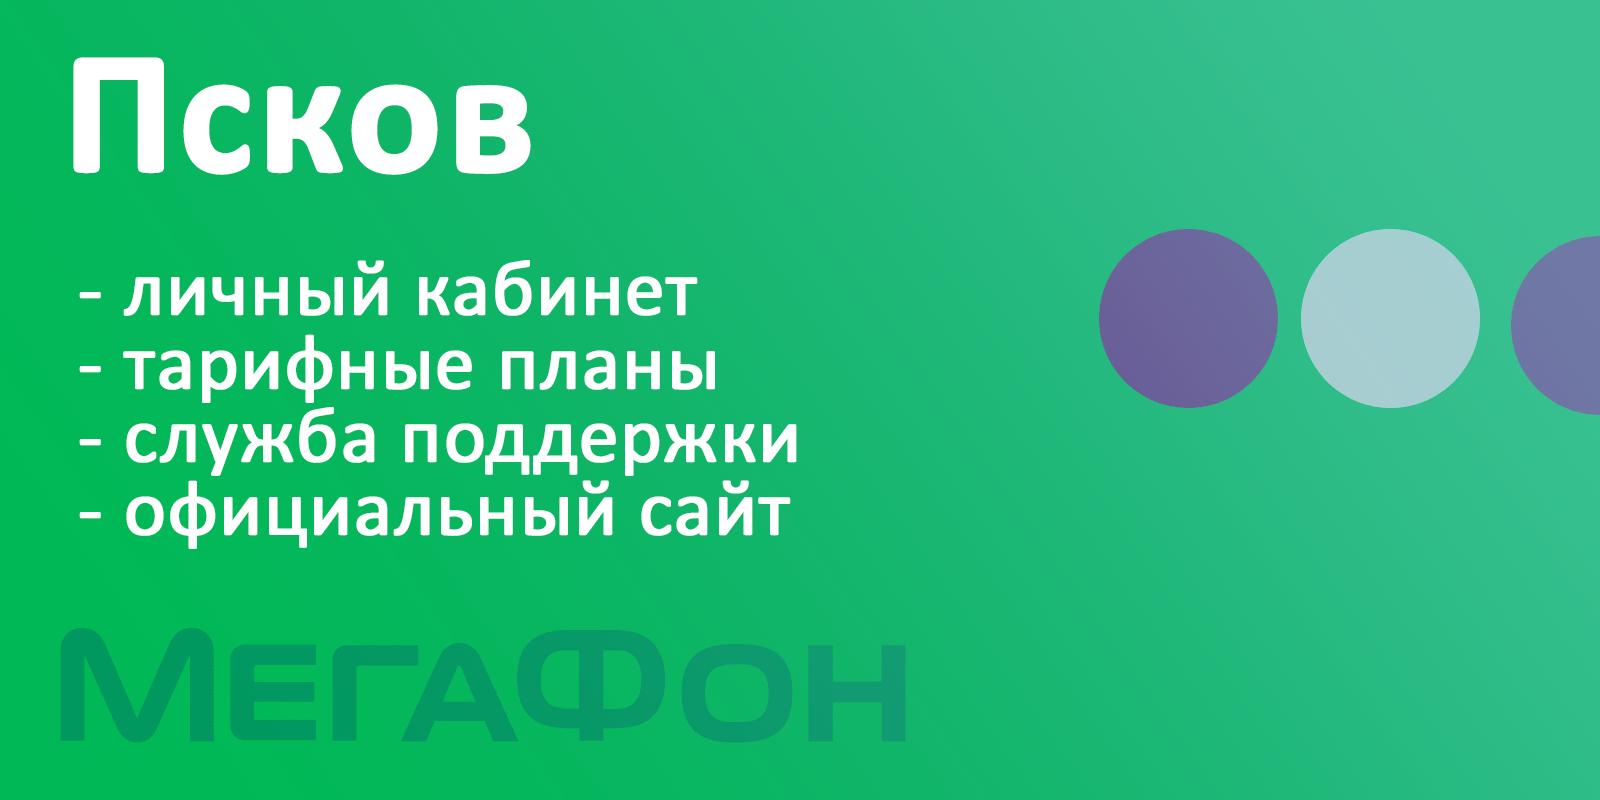 Мегафон Псков - тарифы, официальный сайт, личный кабинет